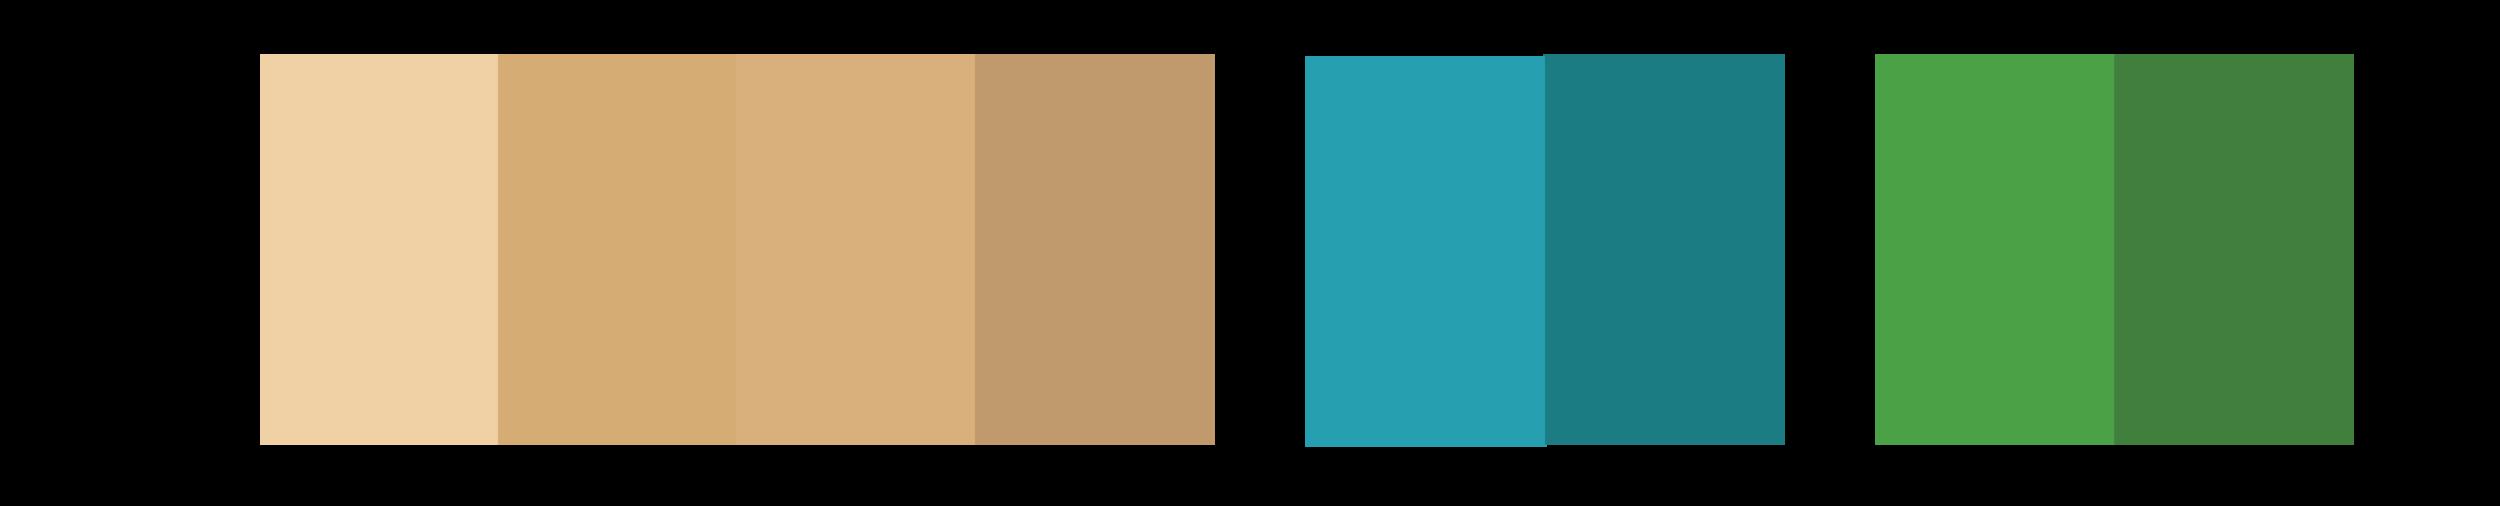 Color Palette-04.png